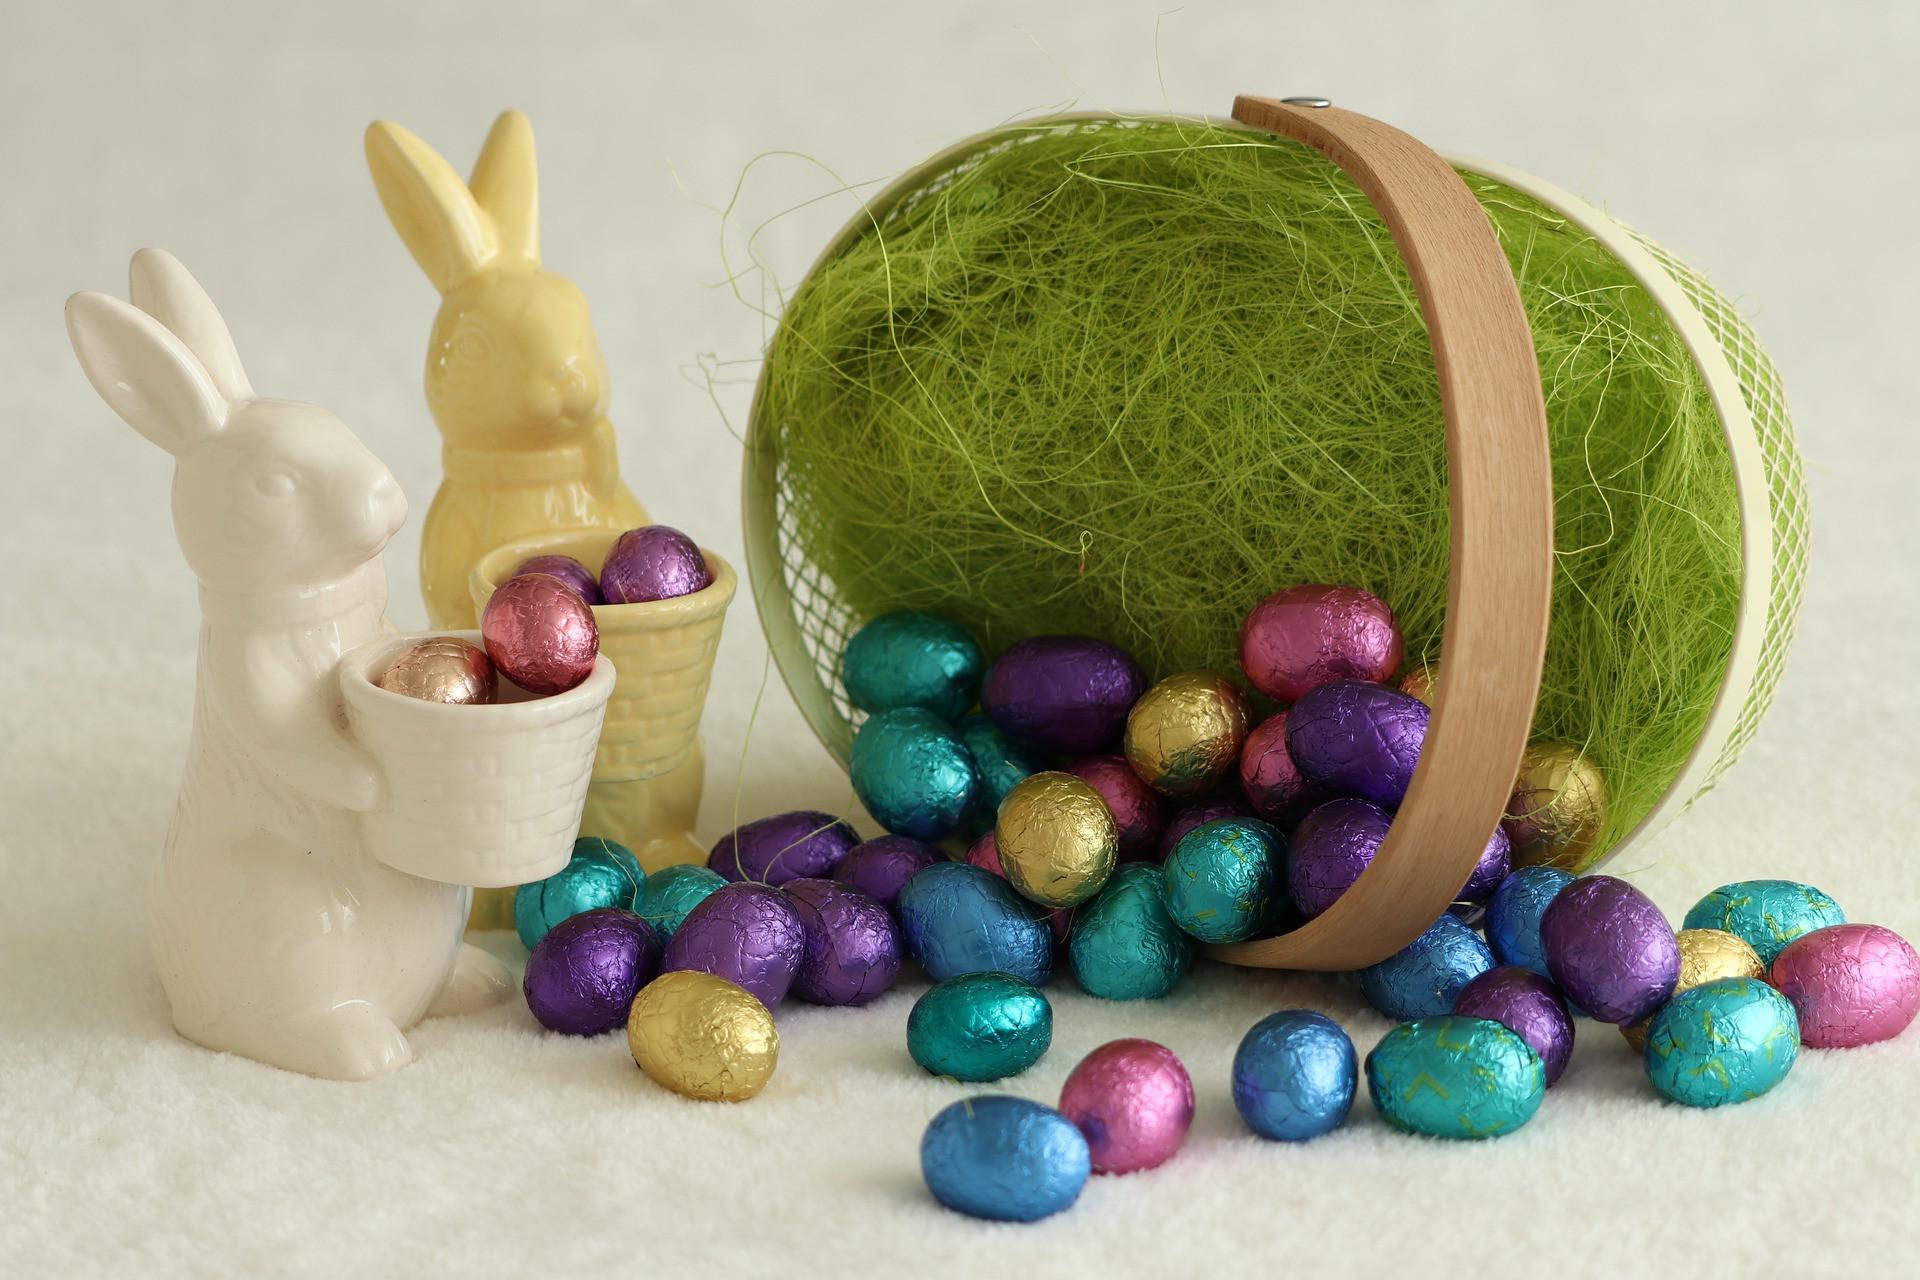 Já escolheu o ovo de Páscoa? Procon-SP dá dicas de como poupar